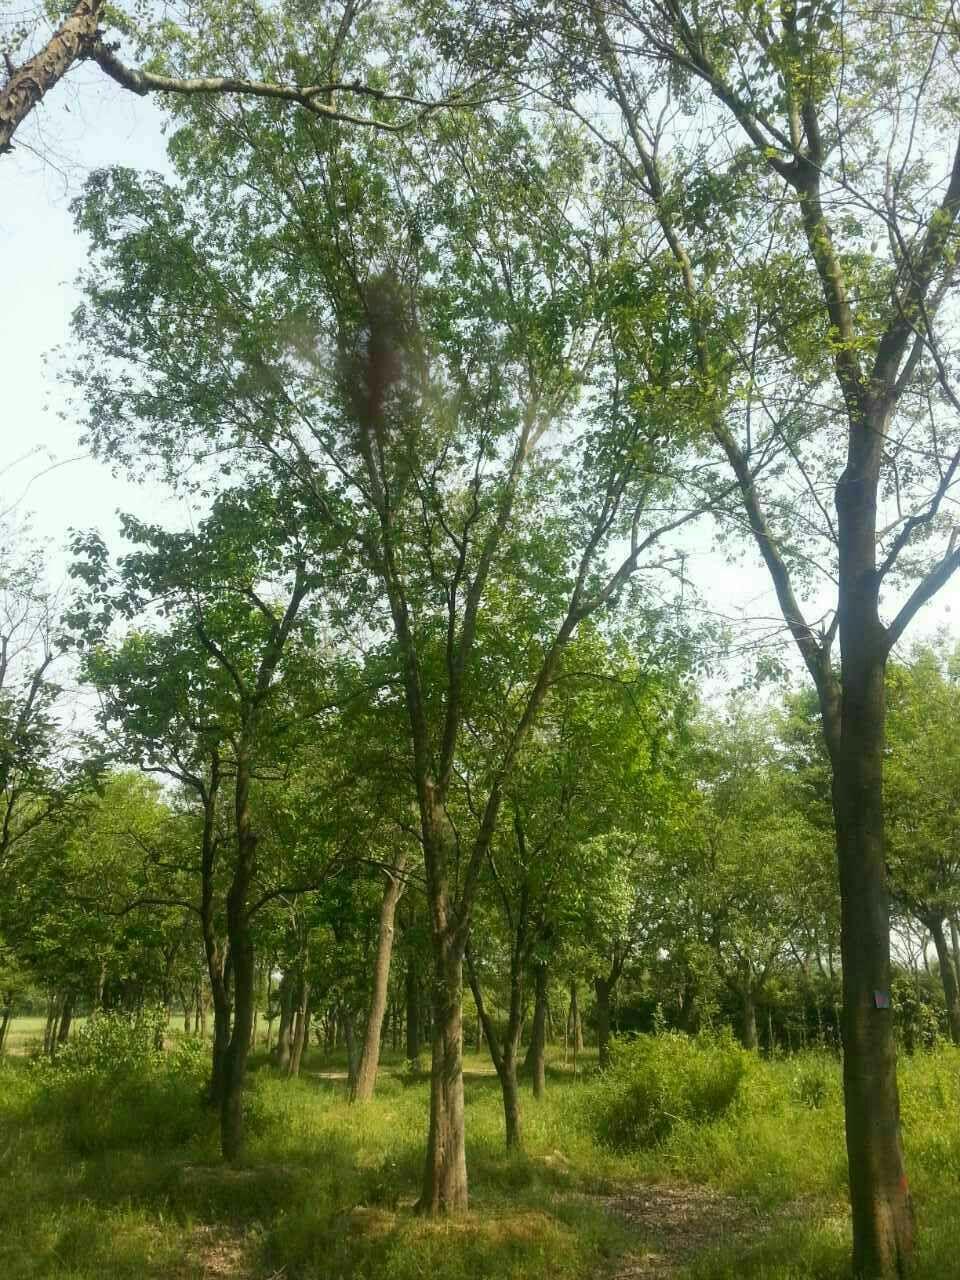 榔榆木树坚硬,可供工业用材;茎皮纤维强韧,可作绳索和人造纤维